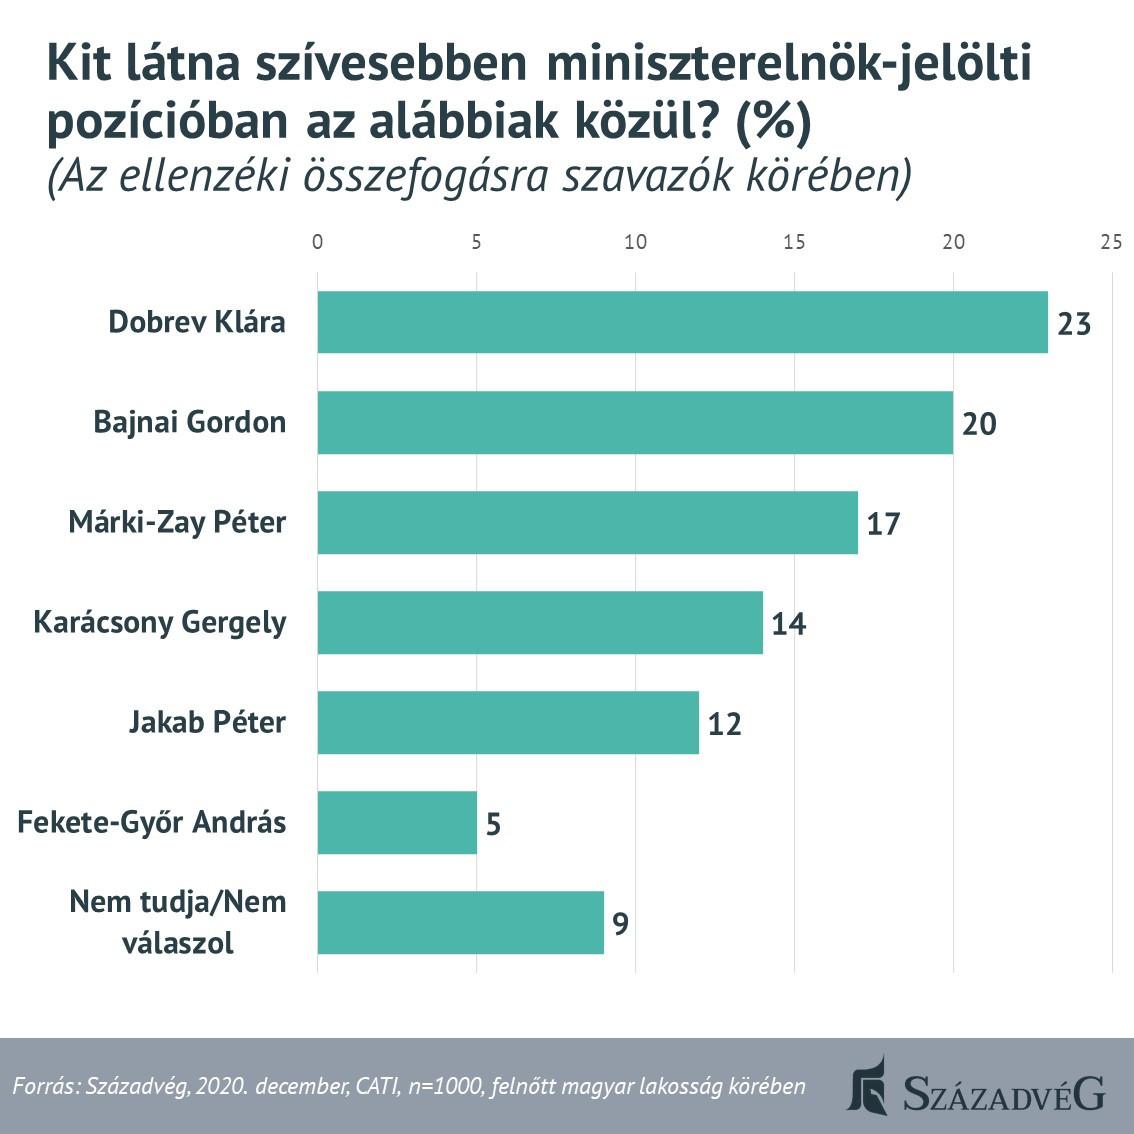 Az ellenzéki szavazók Dobrev Klárát látnák legszívesebben miniszterelnök-jelöltként